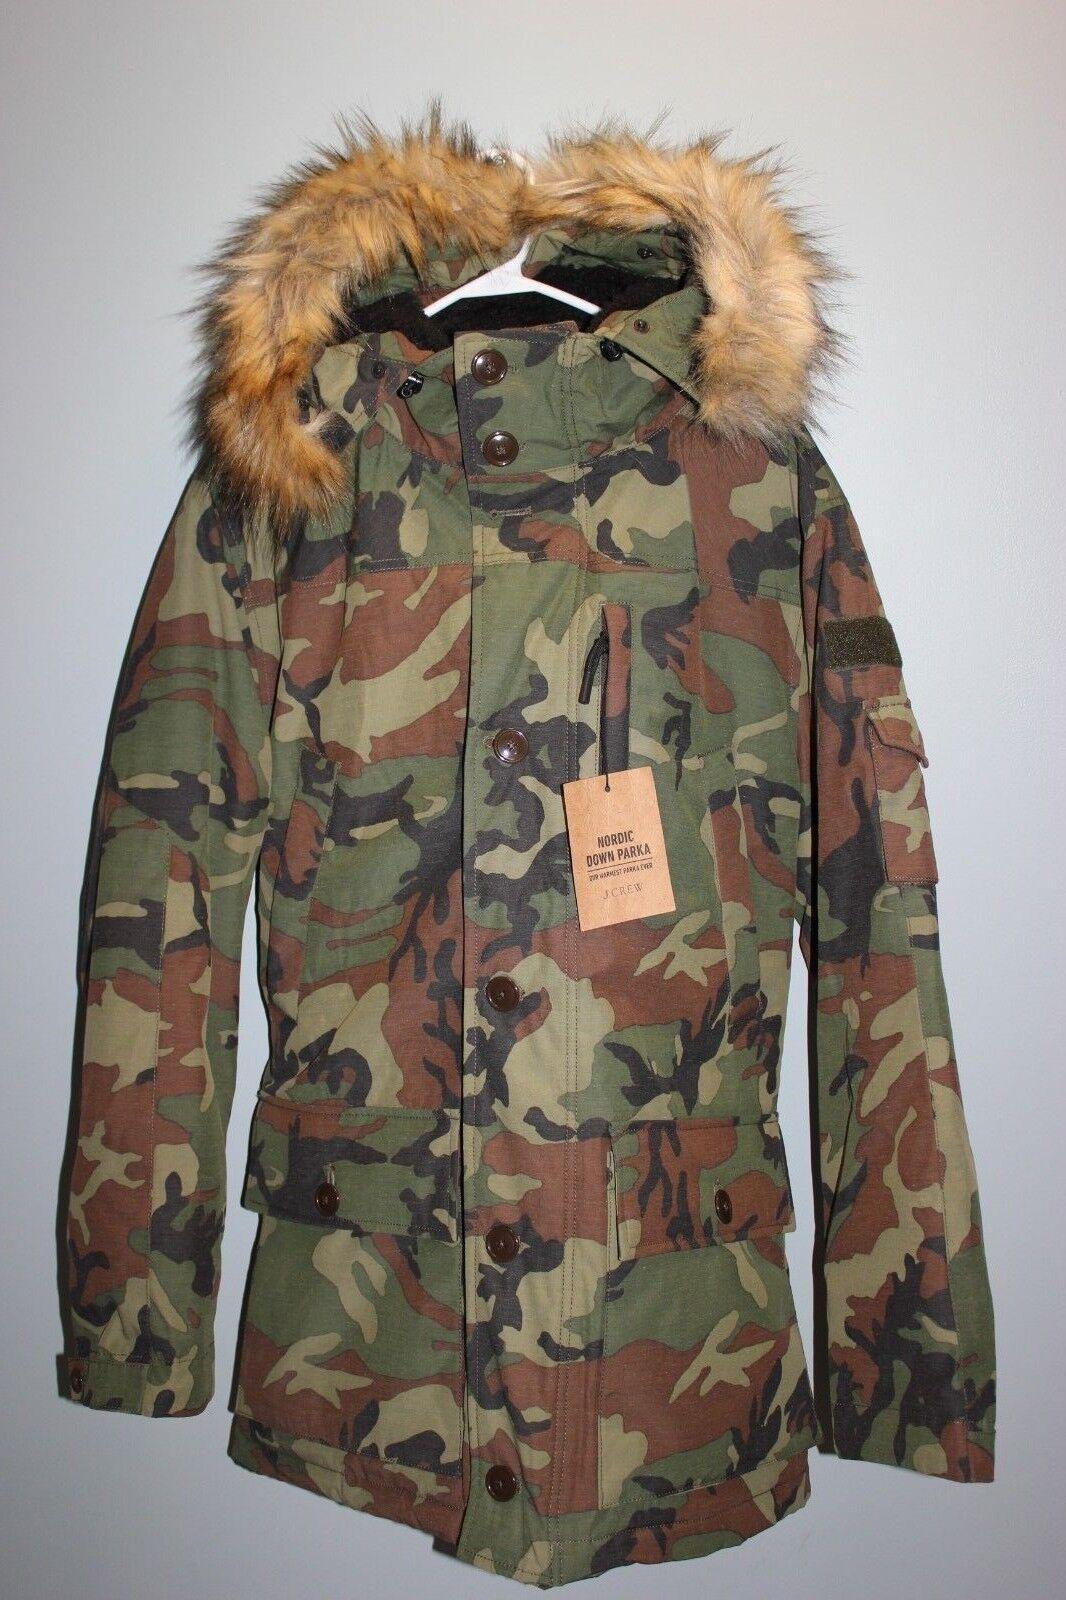 NEW JCREW Men's NORDIC DOWN PARKA HOODED COAT Sz S WOODLAND G9891 winter coat